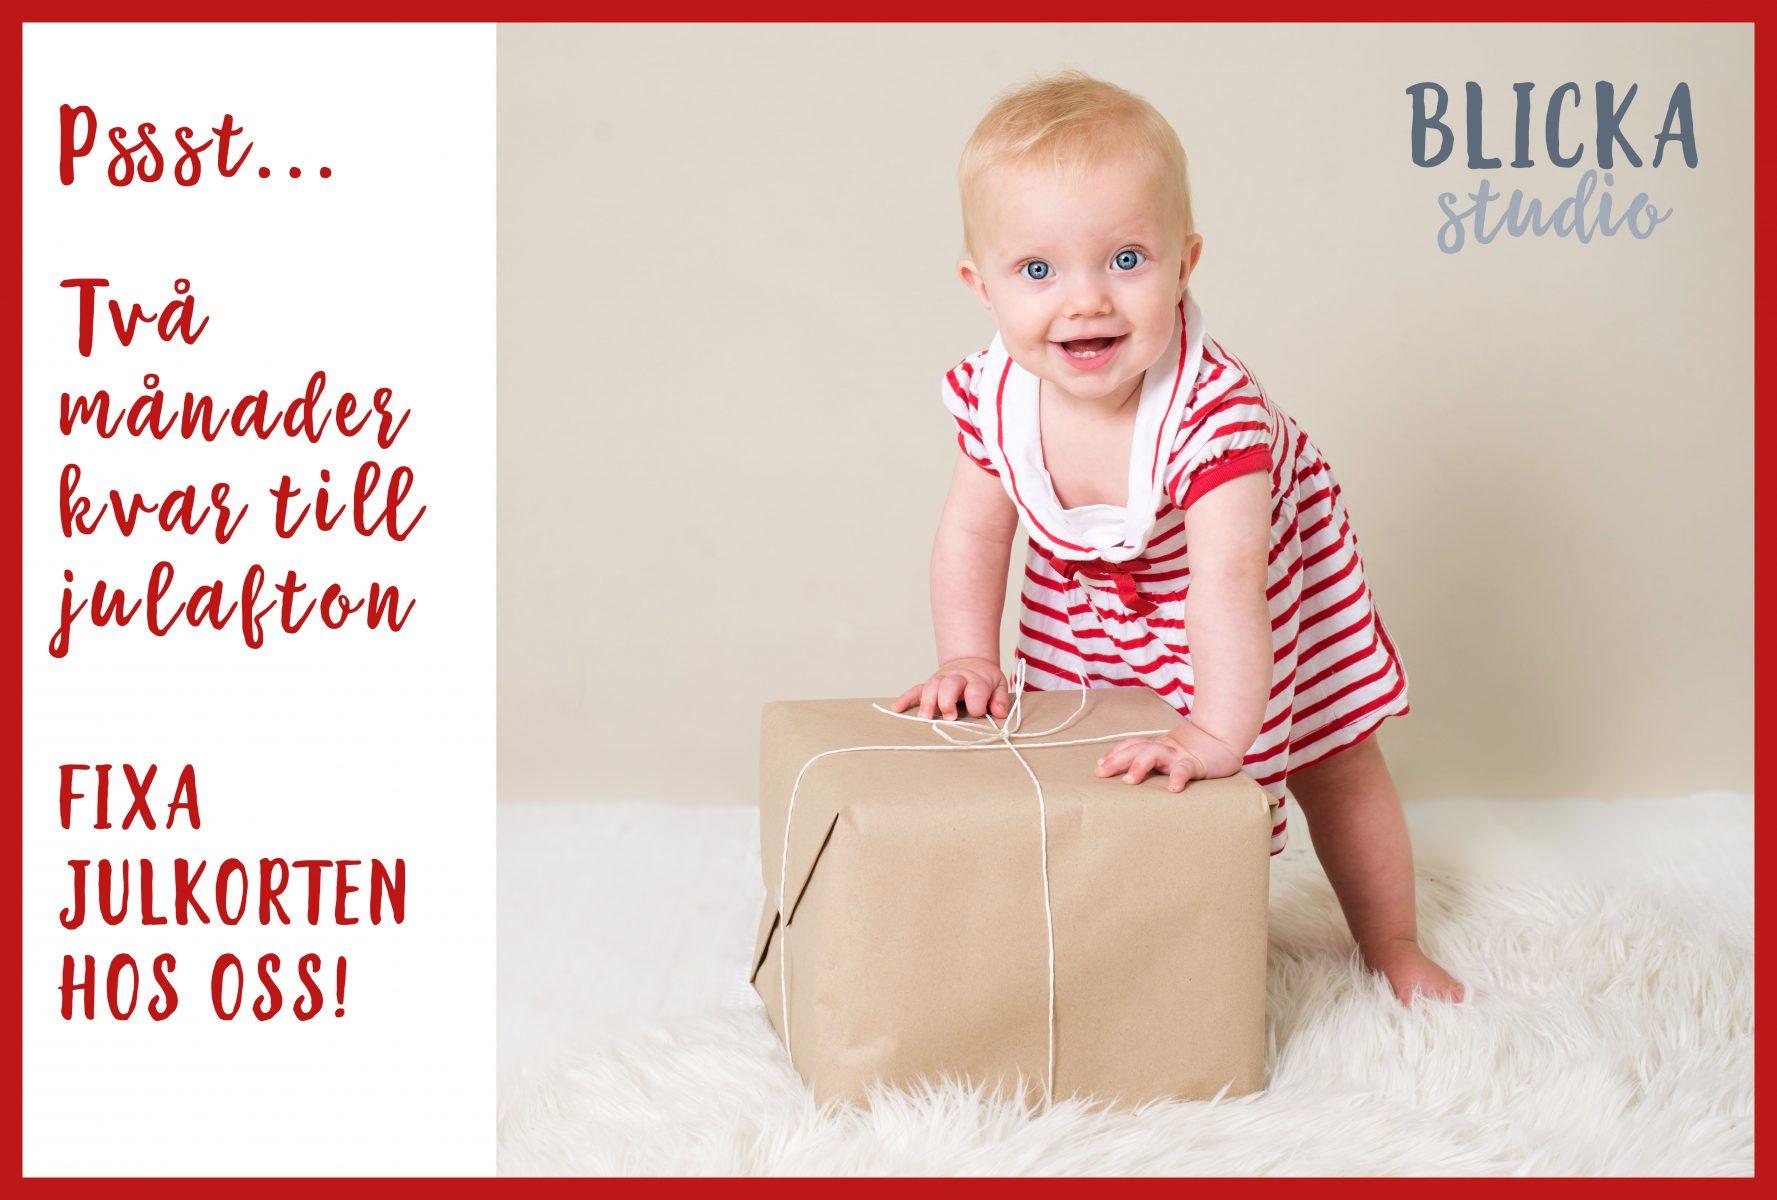 Julkortsfoto Barnfotografering Jul 2017